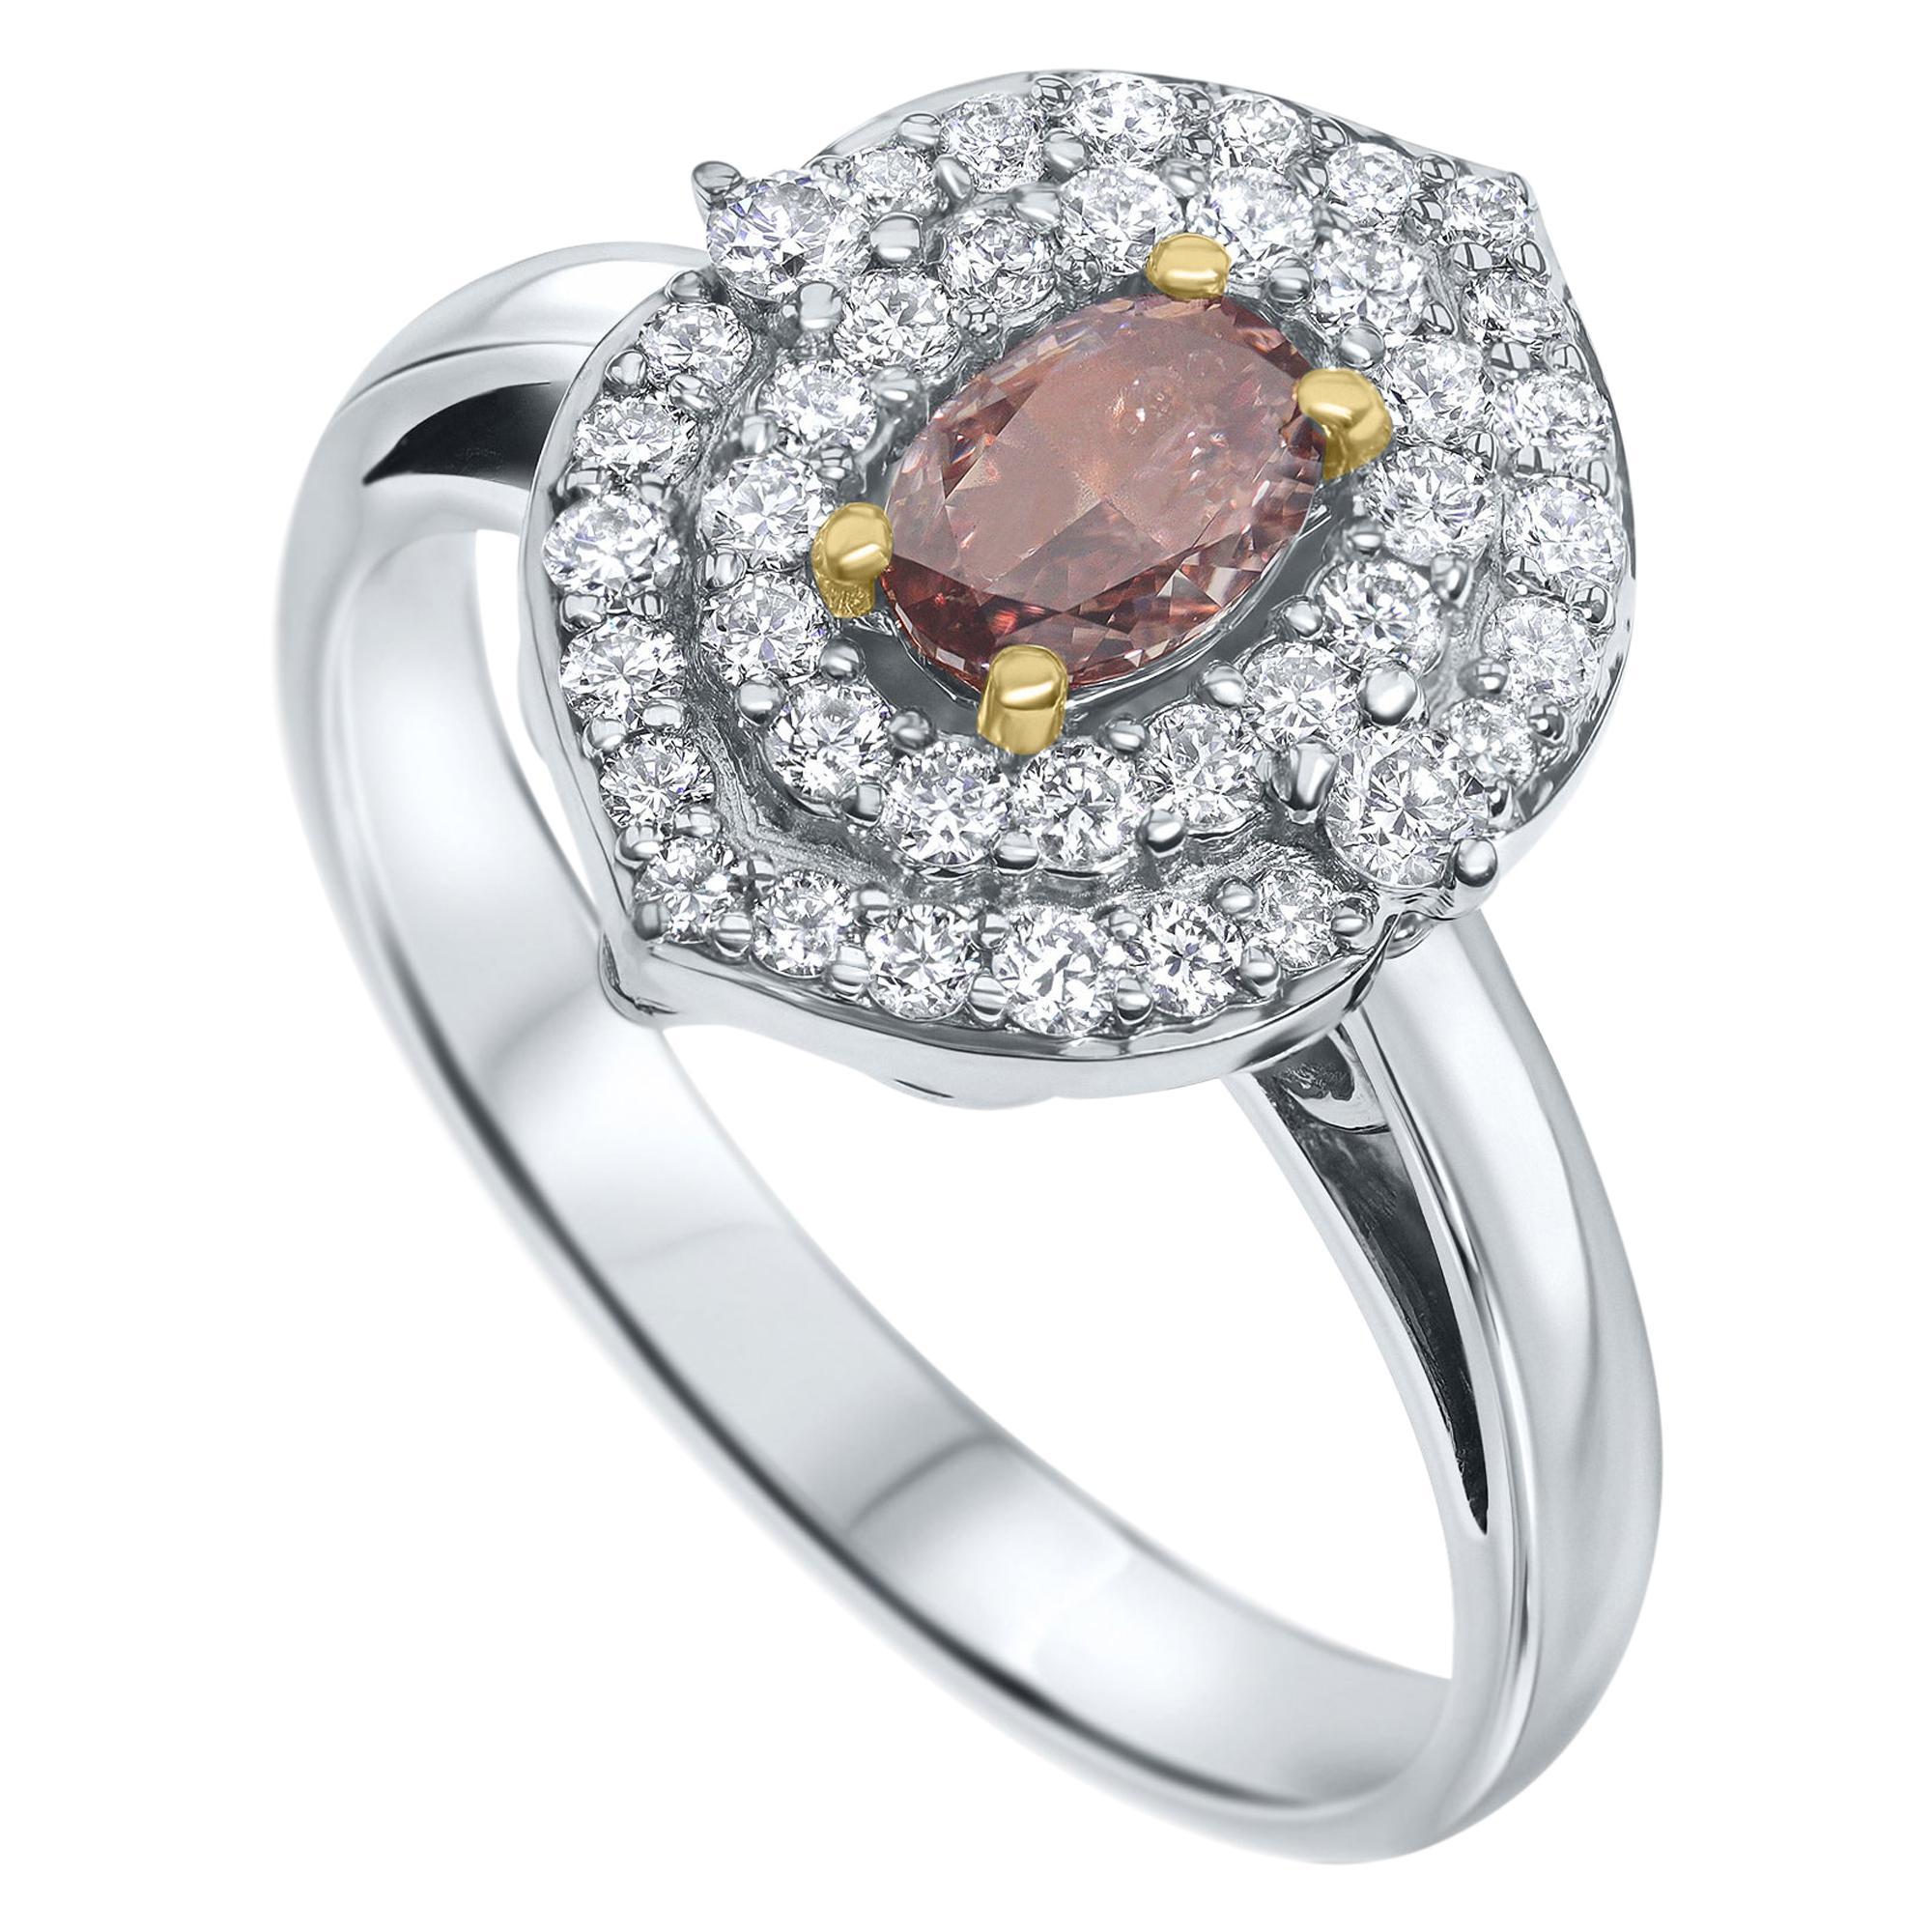 0.62 Carat GIA Certified Natural Fancy Orange Pink Diamond Ring - Shlomit Rogel